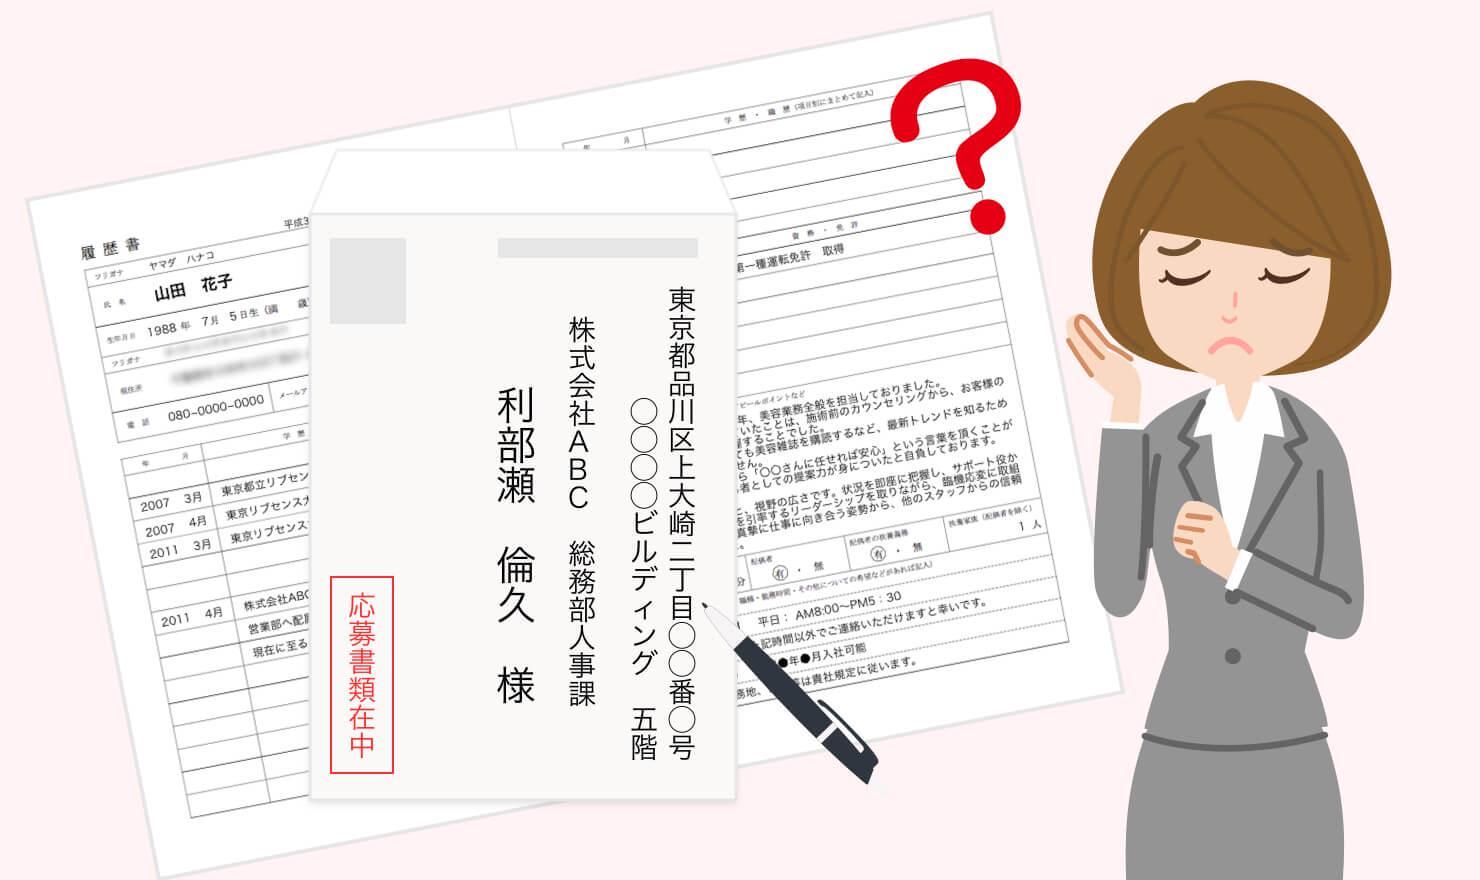 【見本あり】履歴書用の封筒はこれで完璧!書き方ポイントまとめ